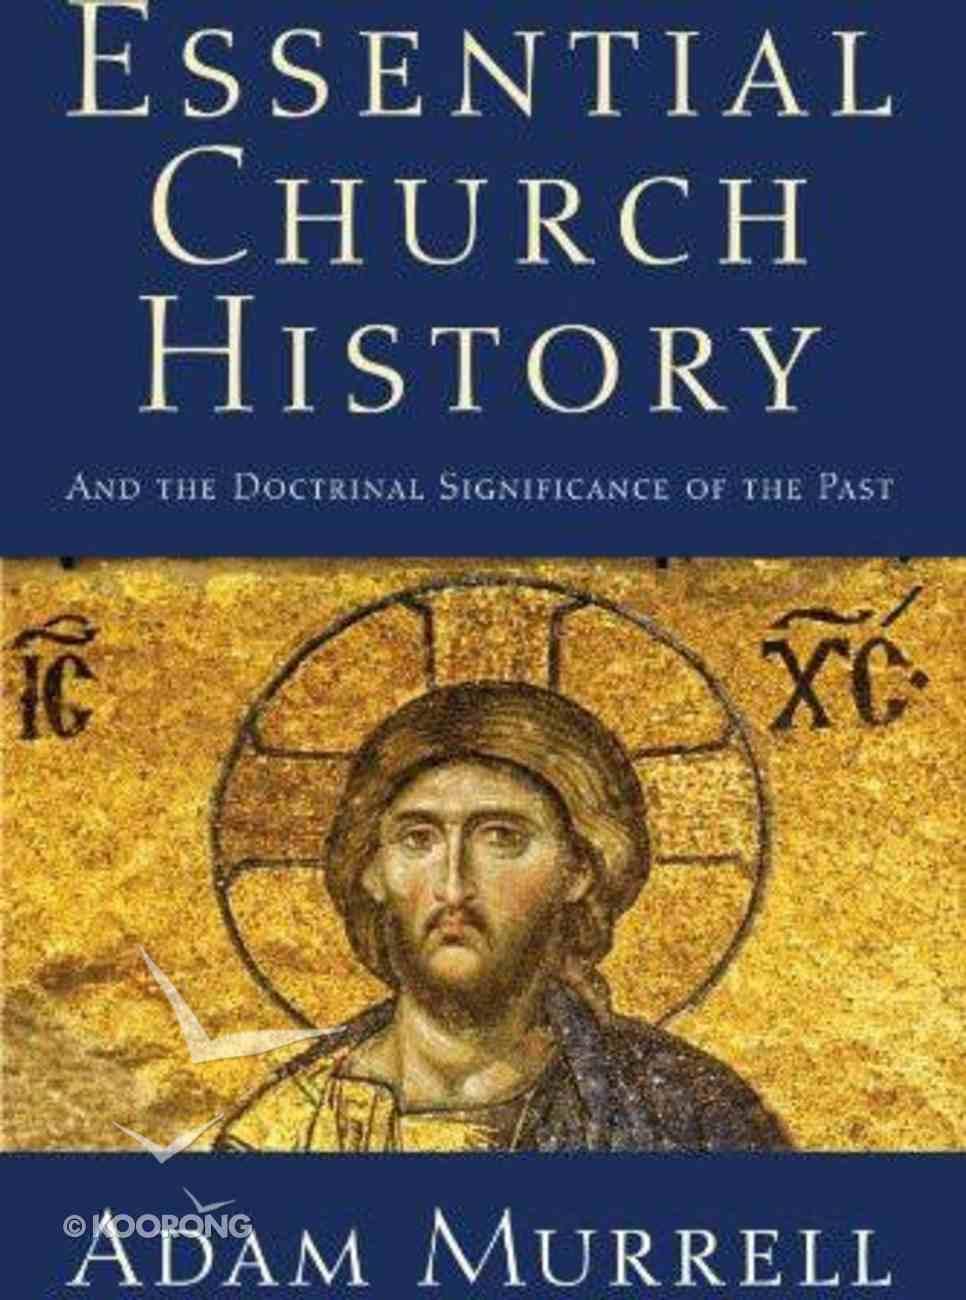 Essential Church History eBook